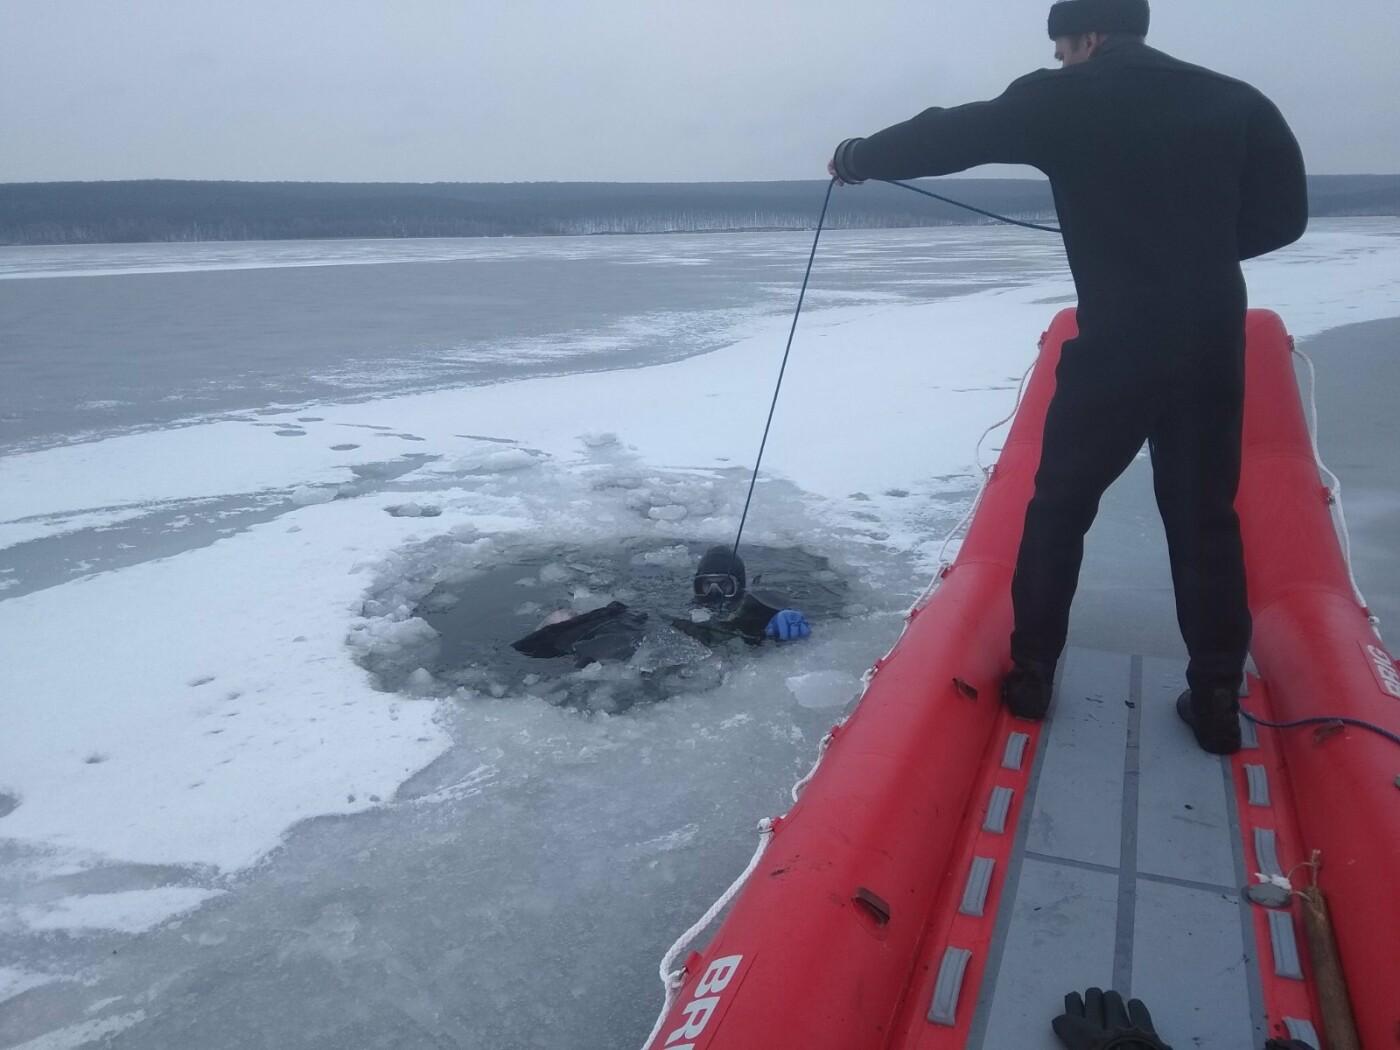 На Харьковщине погибли трое рыбаков, провалившихся под лед, - ФОТО, фото-1